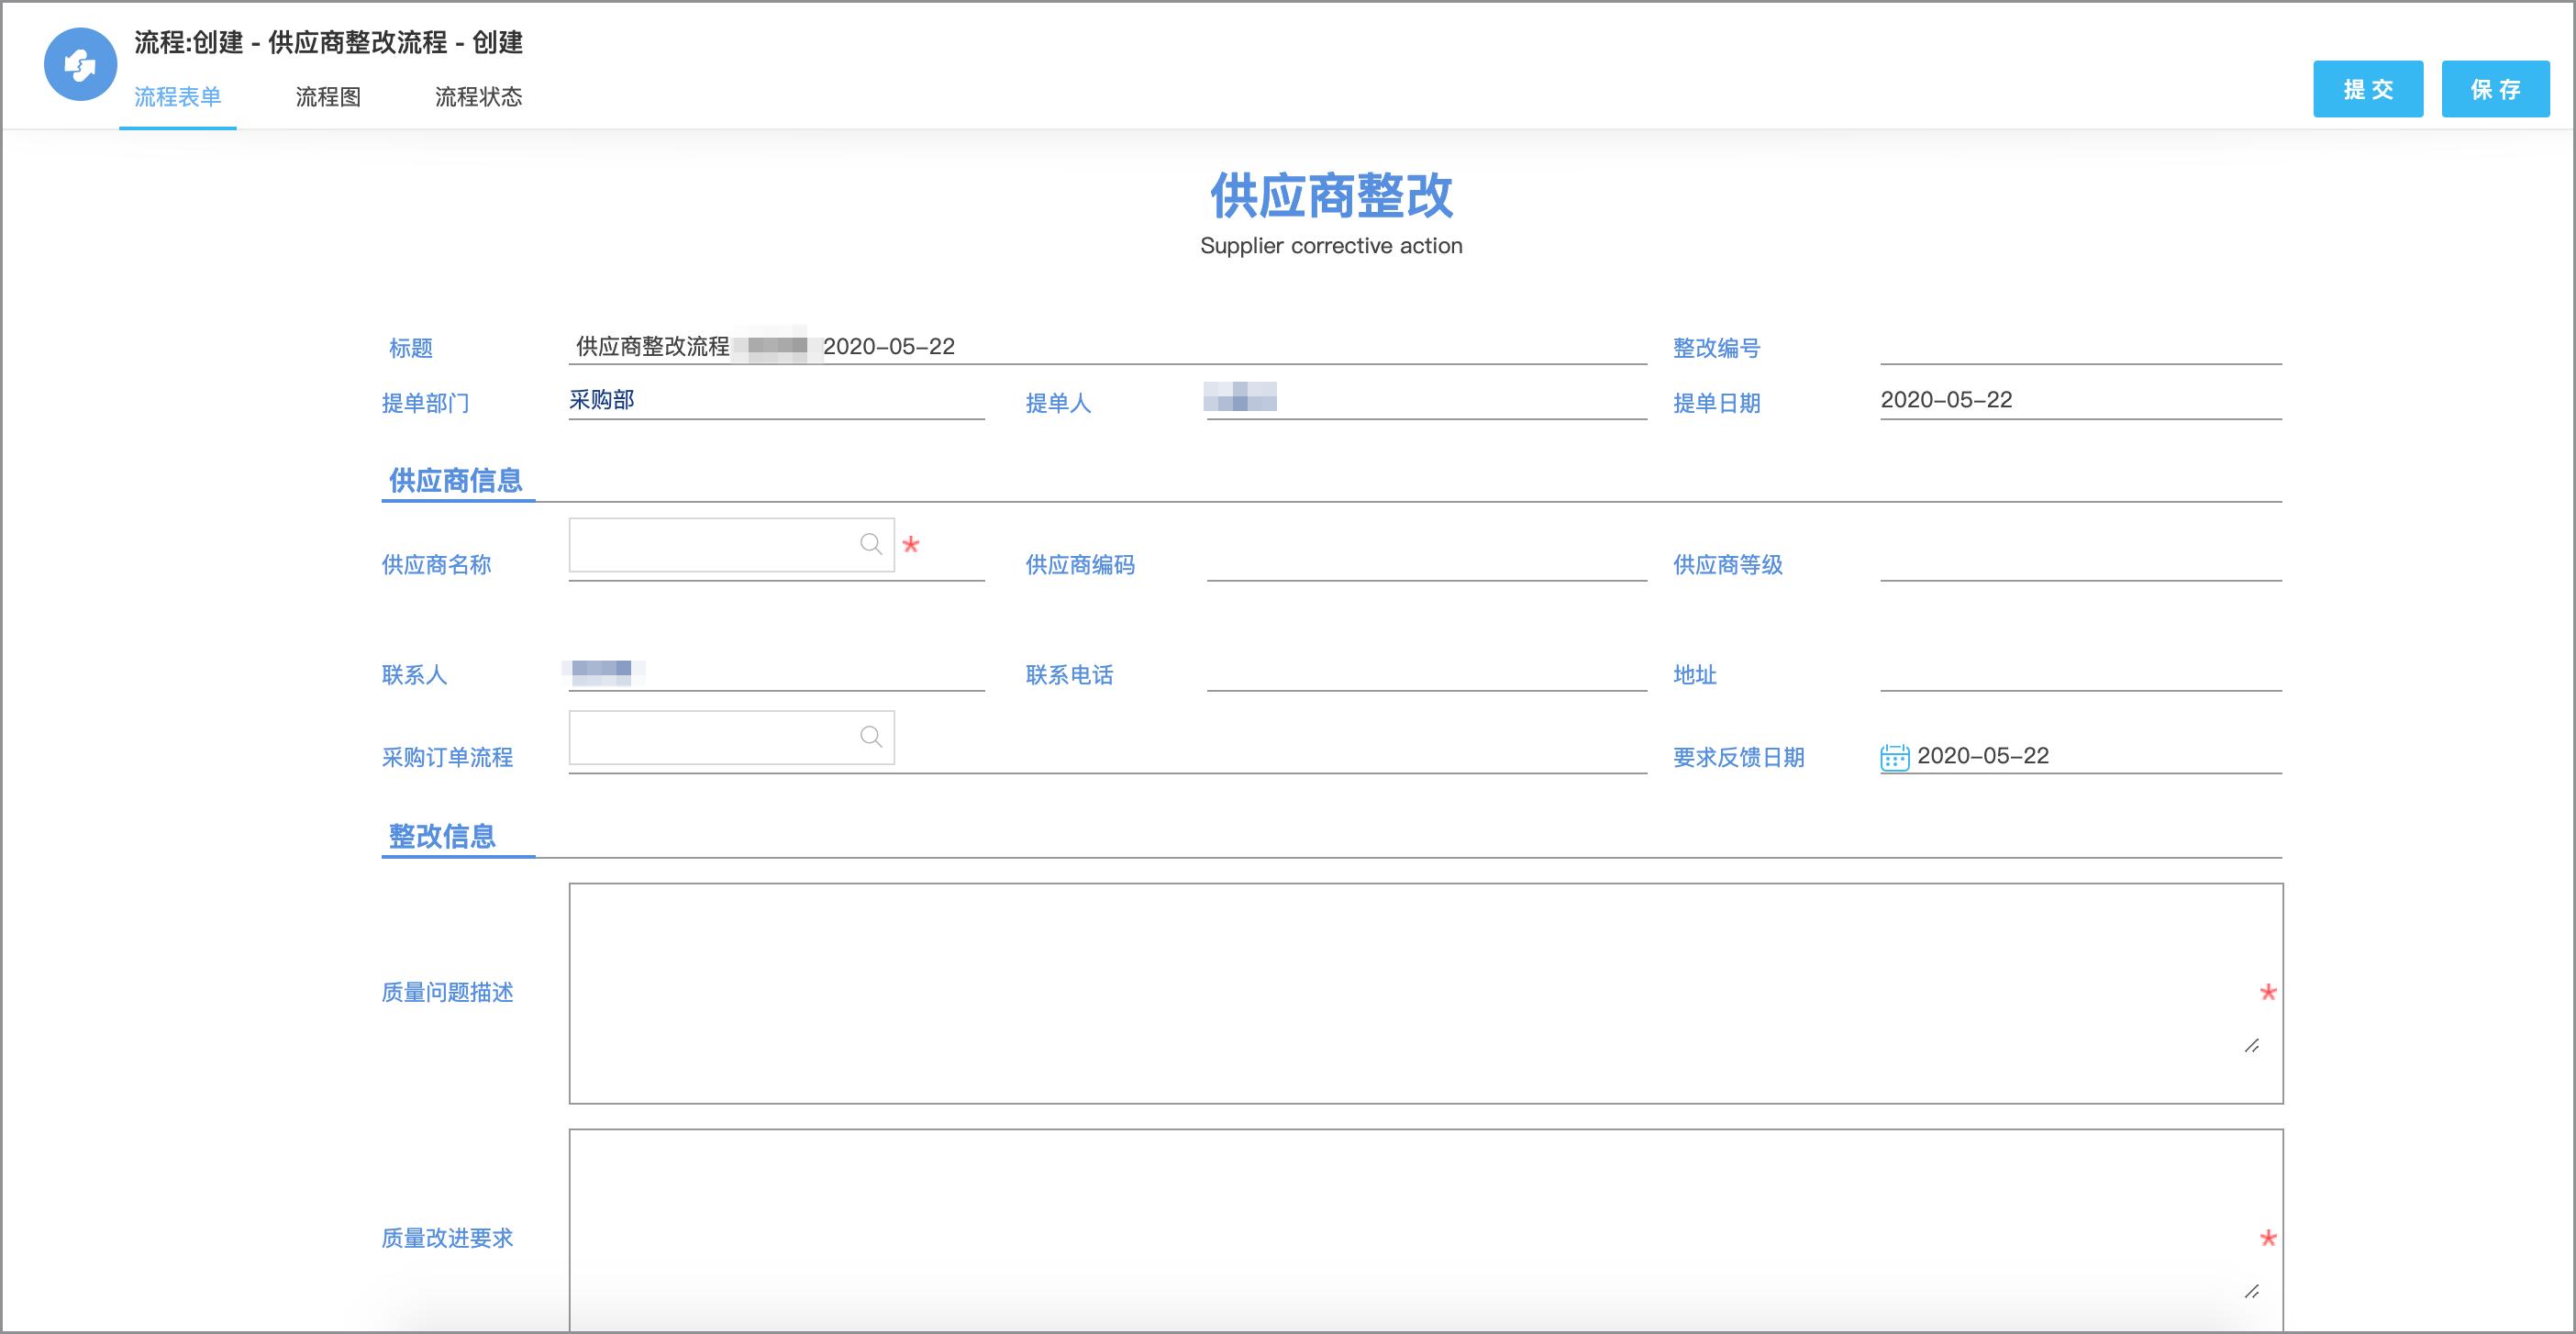 泛微OA供应商考核管理平台,构建清晰画像,精准筛选优质供应商